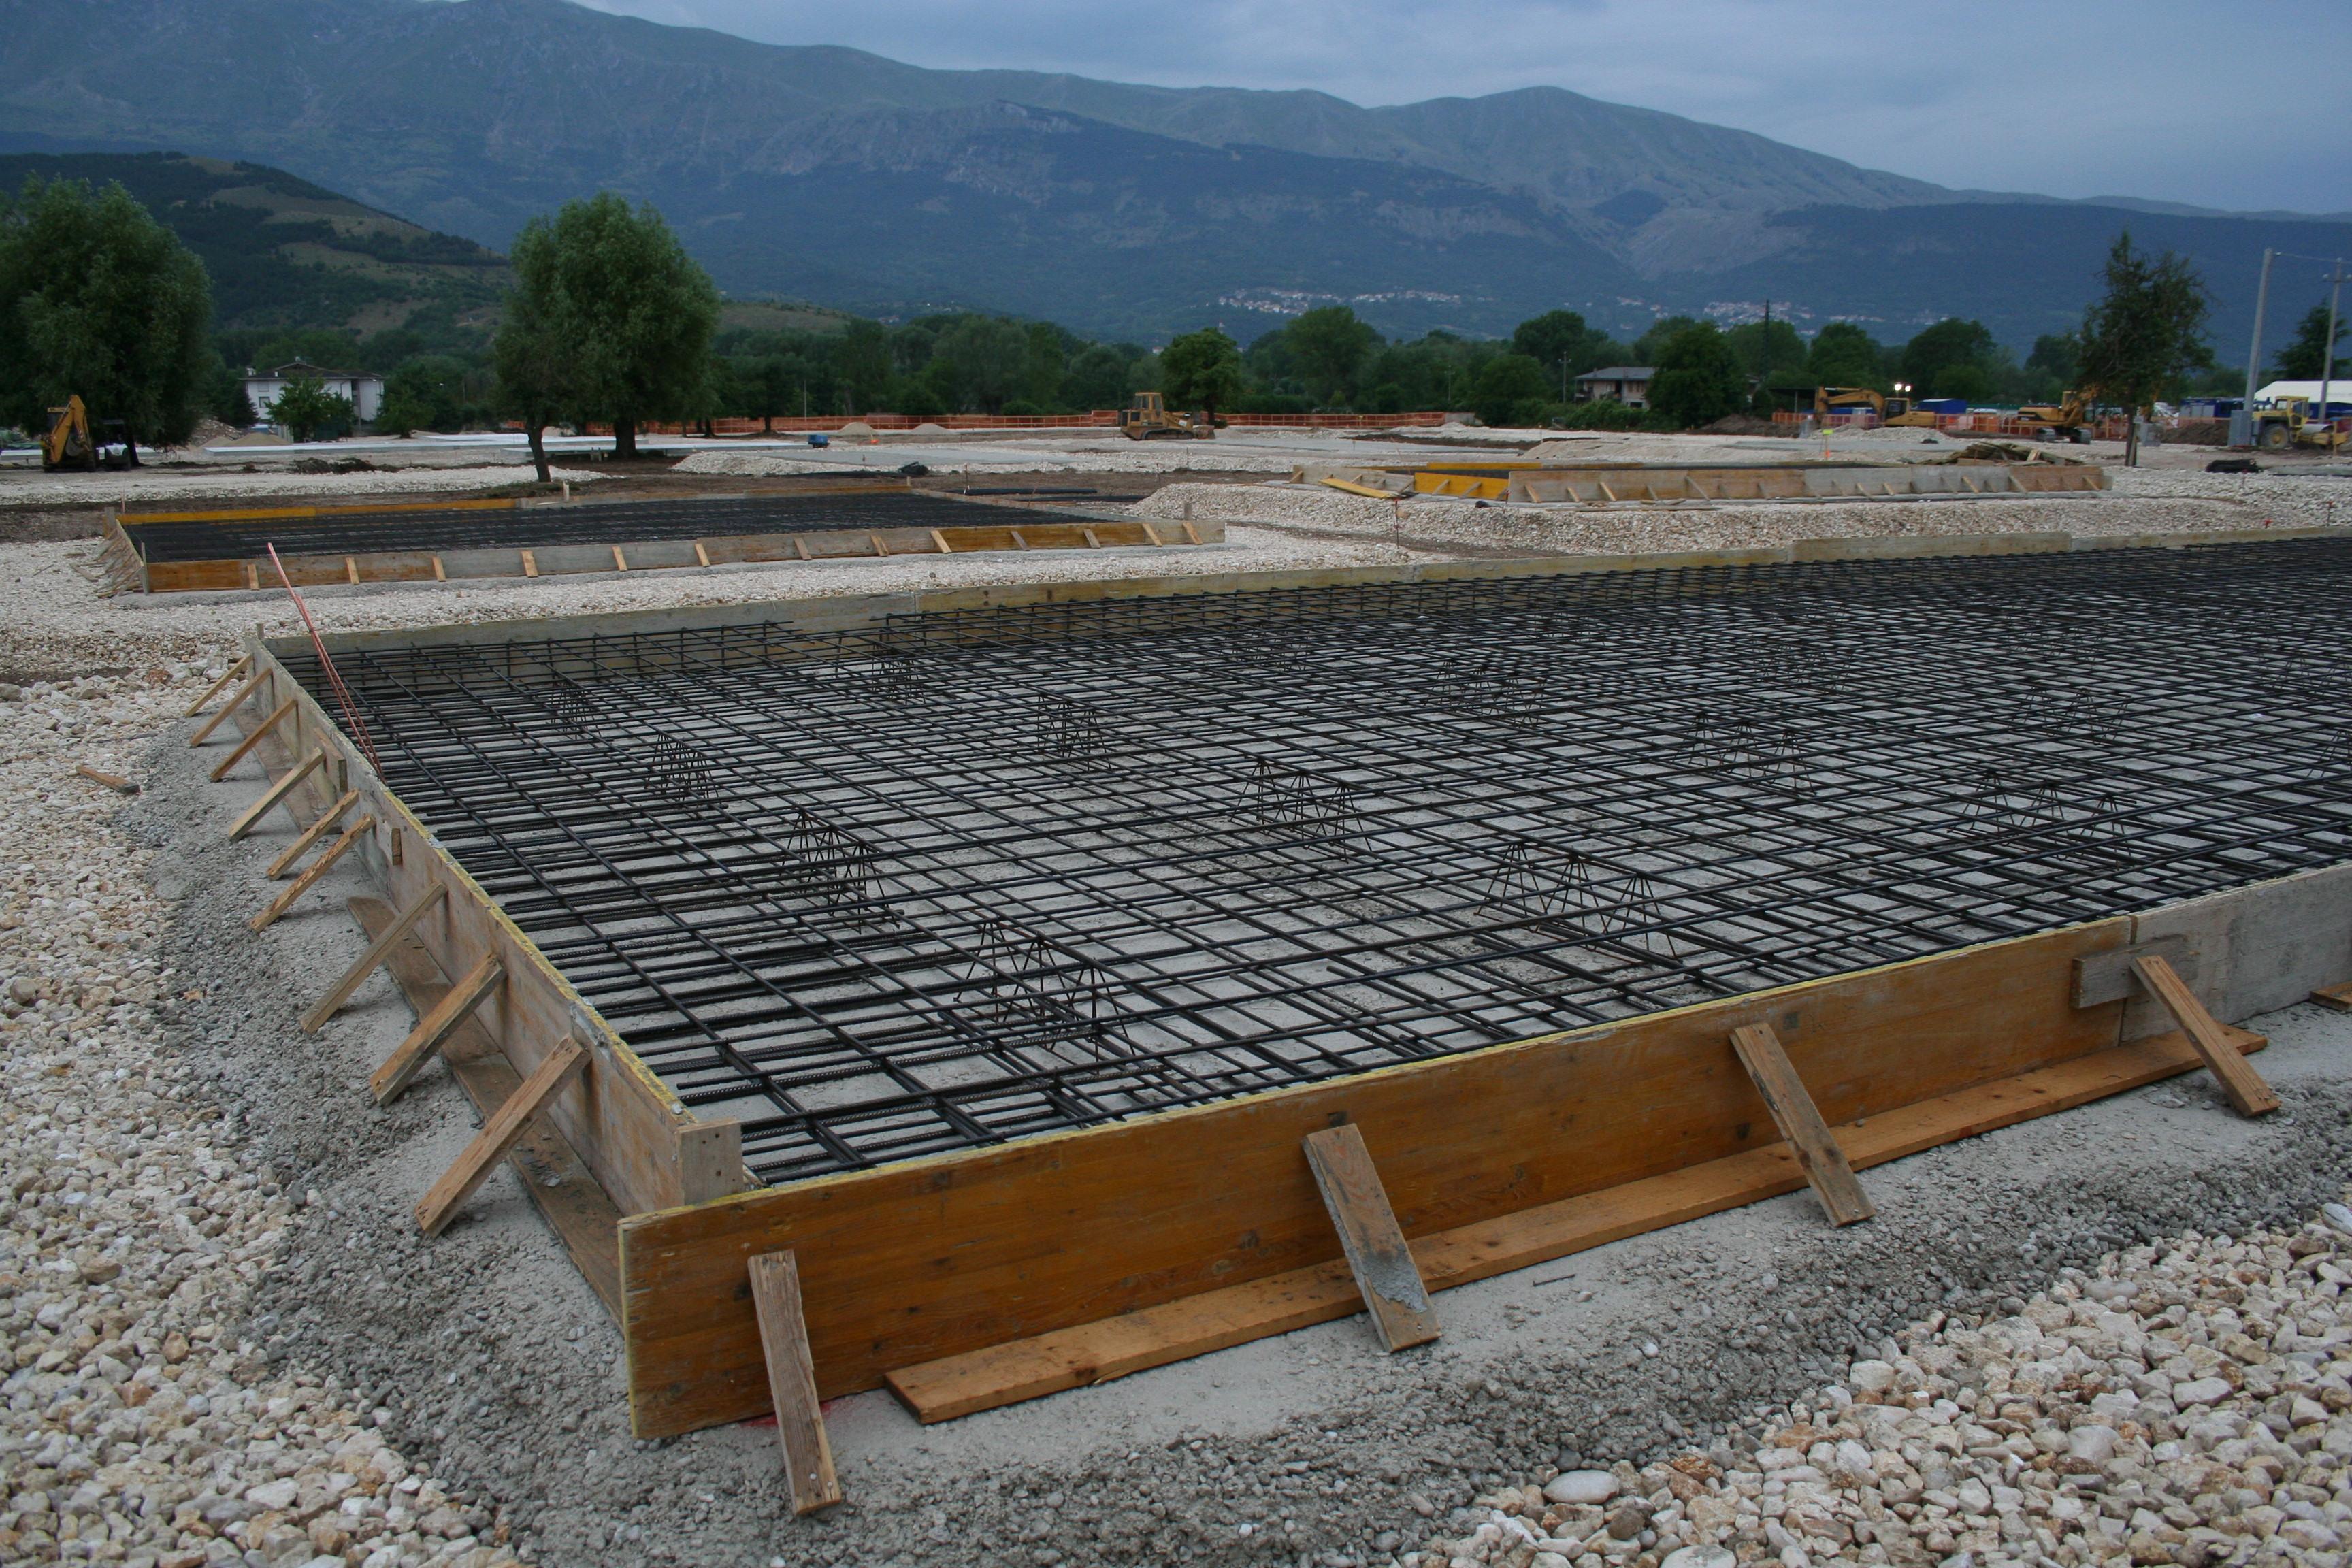 Onna le fondamenta per costruire le case in legno for Planimetrie per costruire una casa